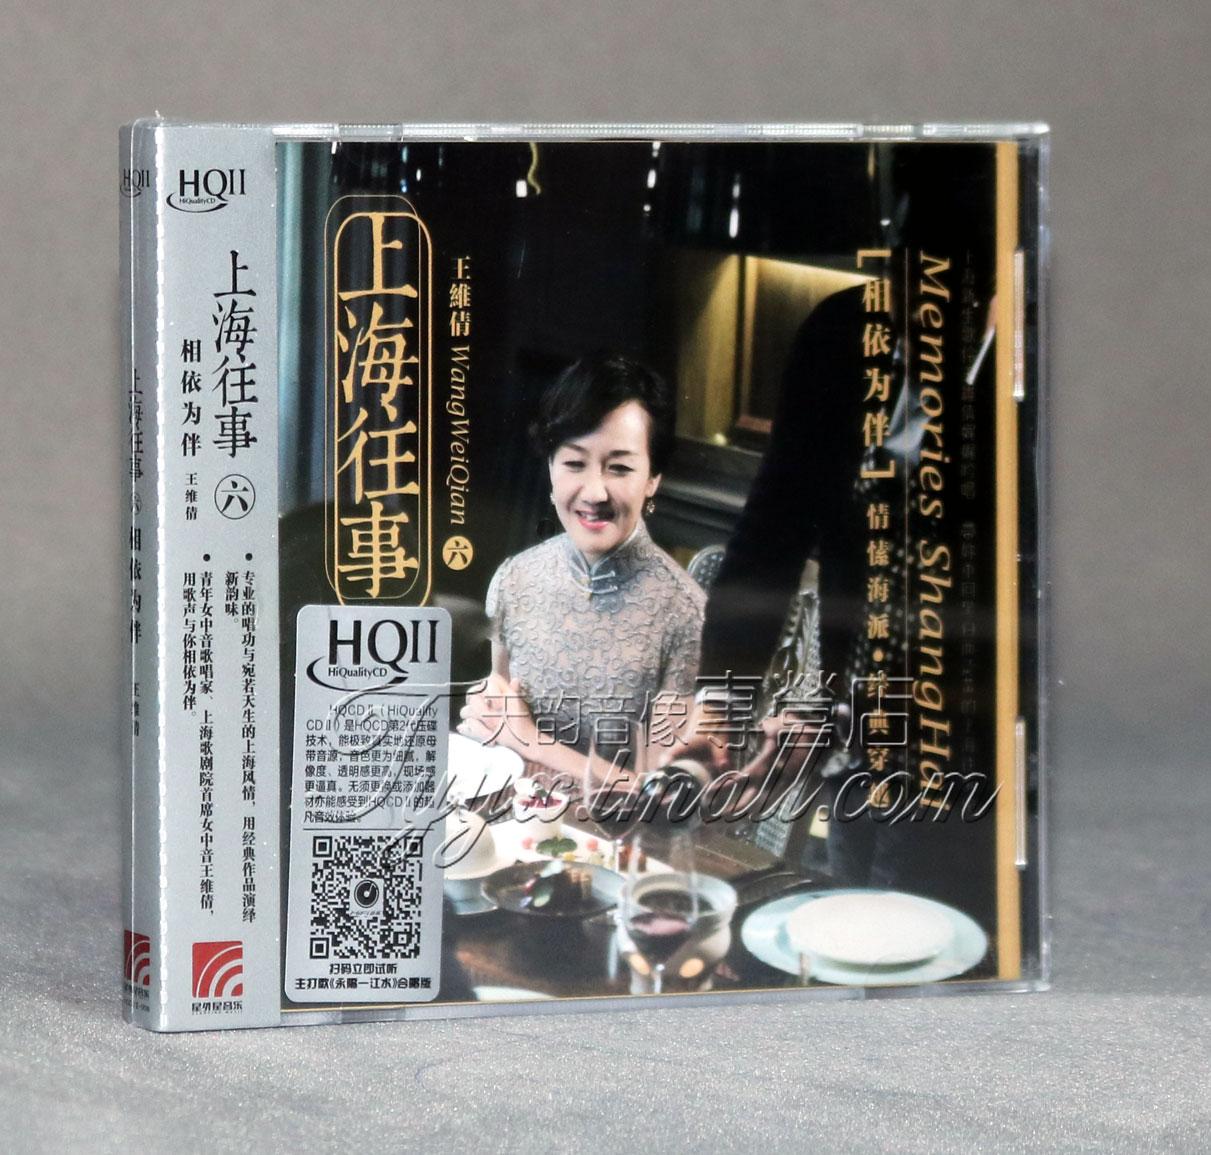 正版王维倩上海光盘六6相依为伴HQCDIIHIFI发烧CD往事碟